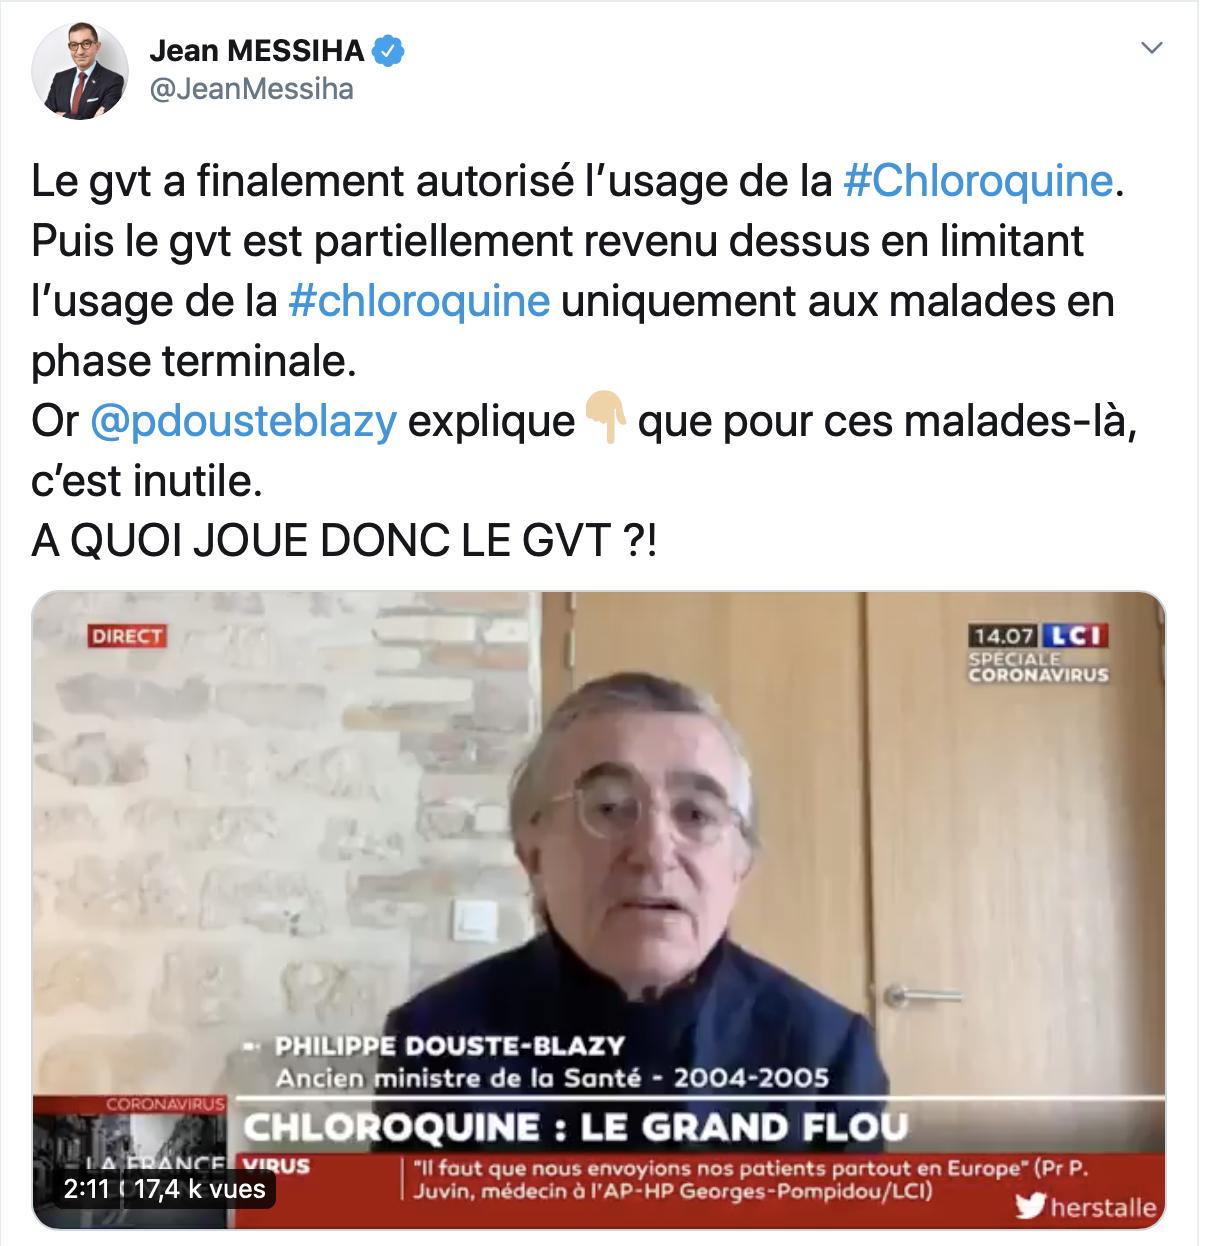 Chloroquine et Big Pharma : les saloperies du gouvernement en 3 tweets